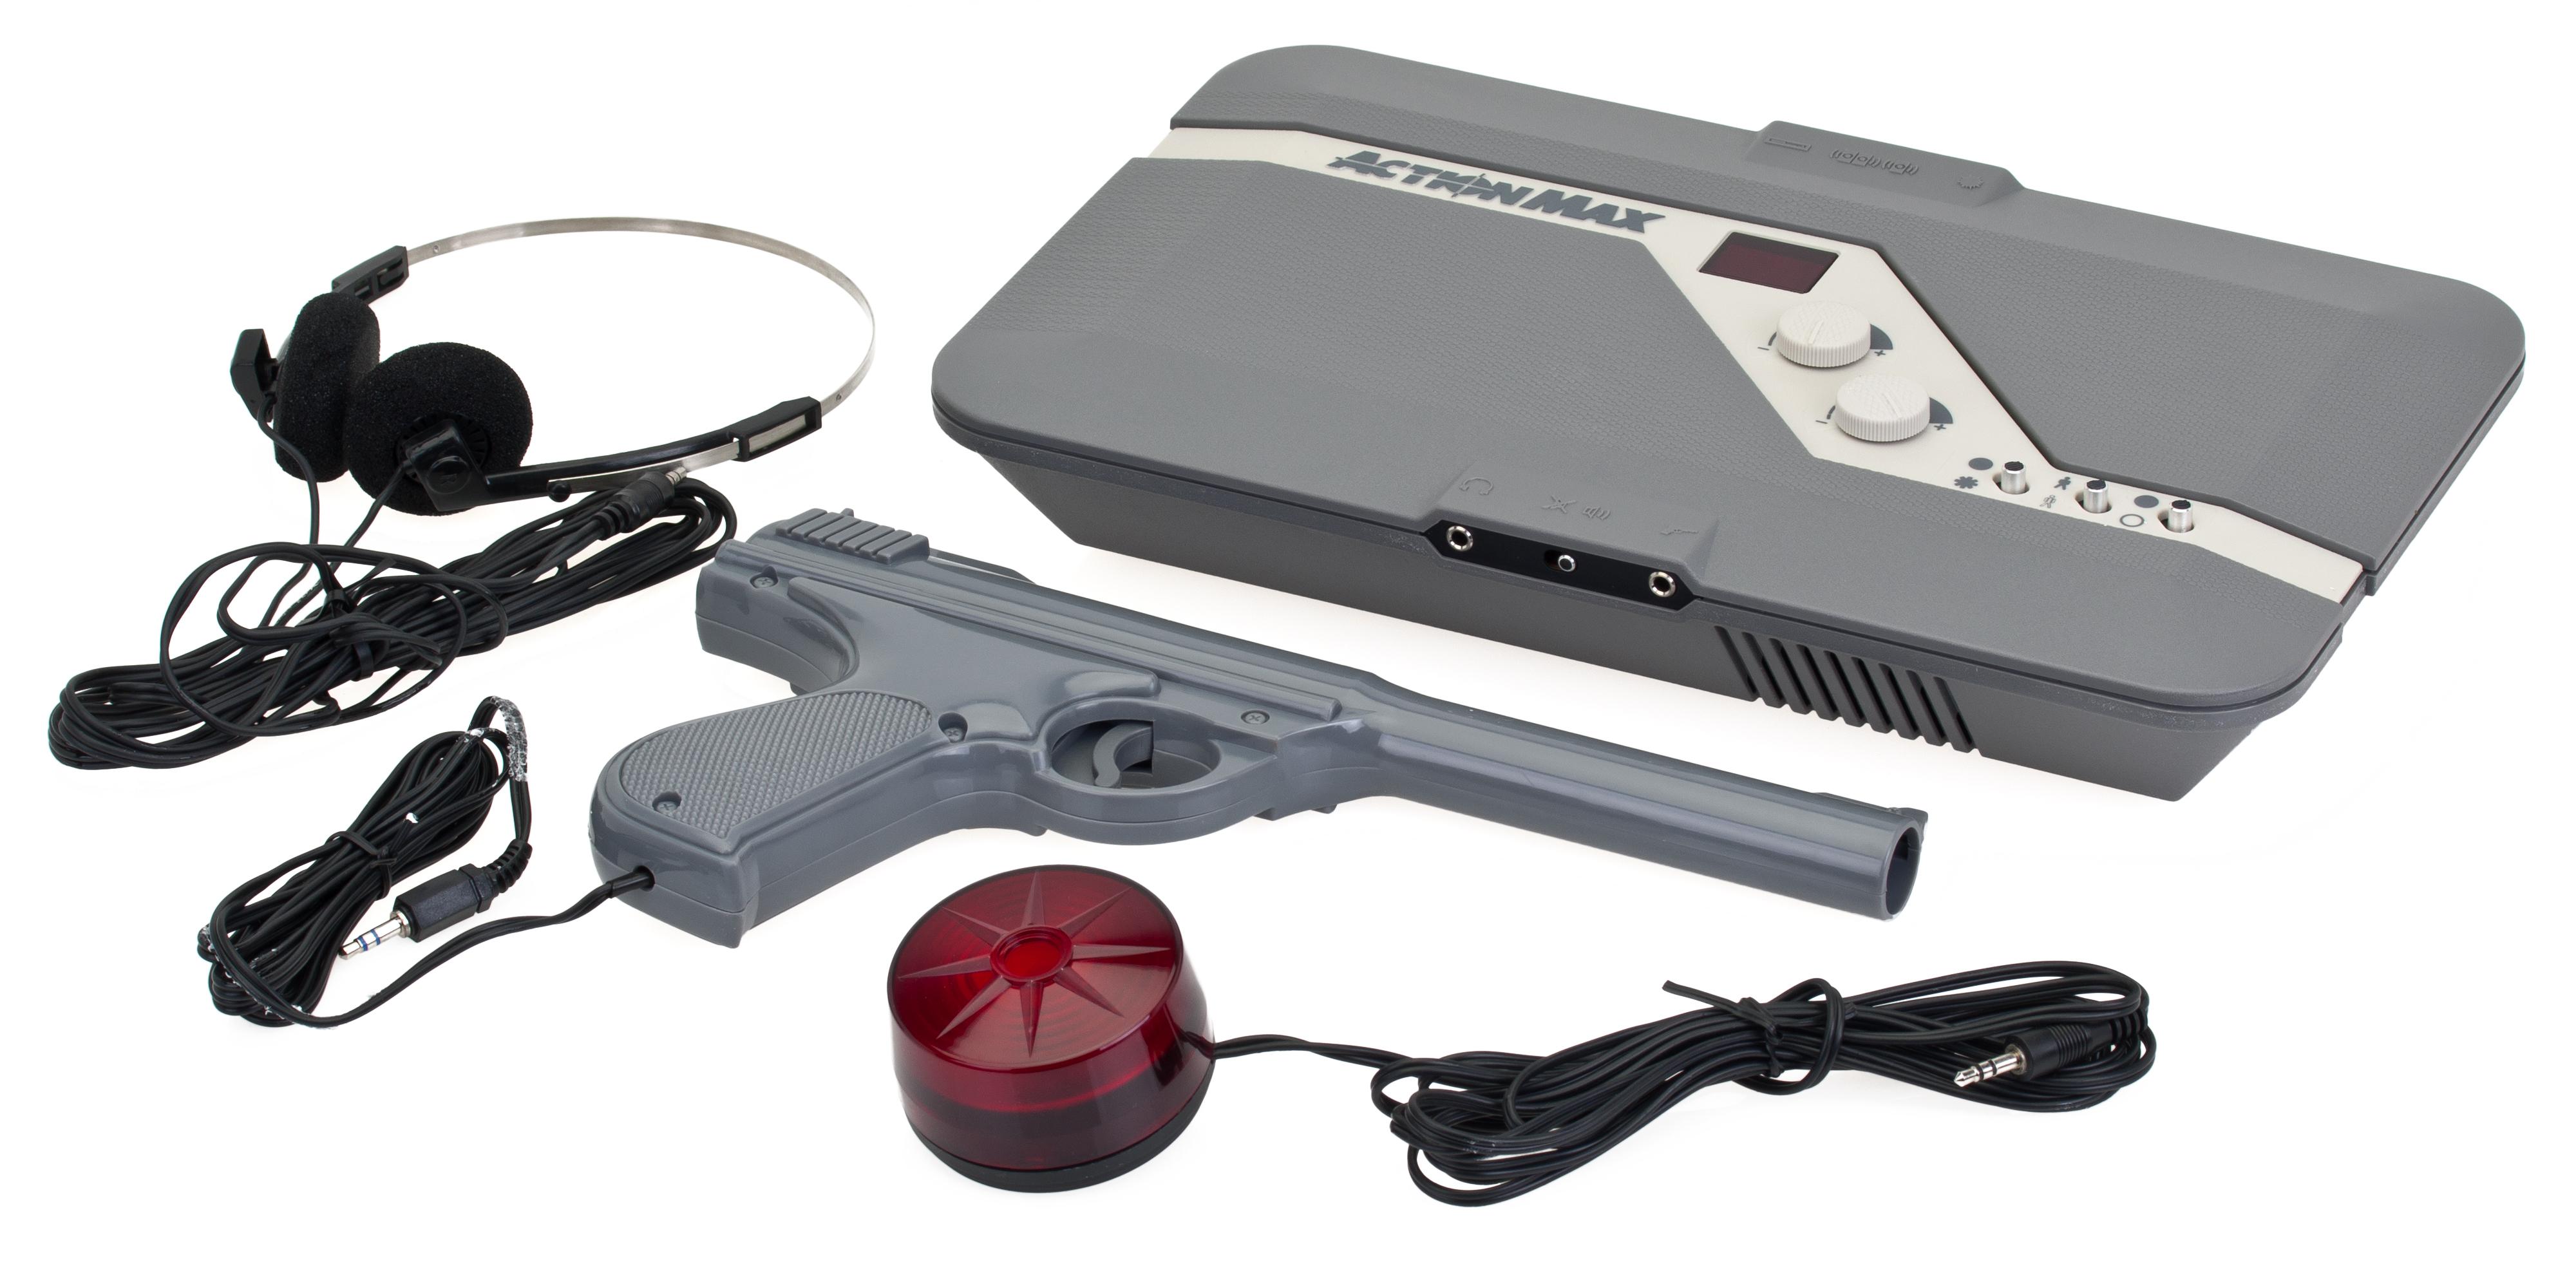 Consolas Raras, Prototipos, o Desconocidas Action-Max-System